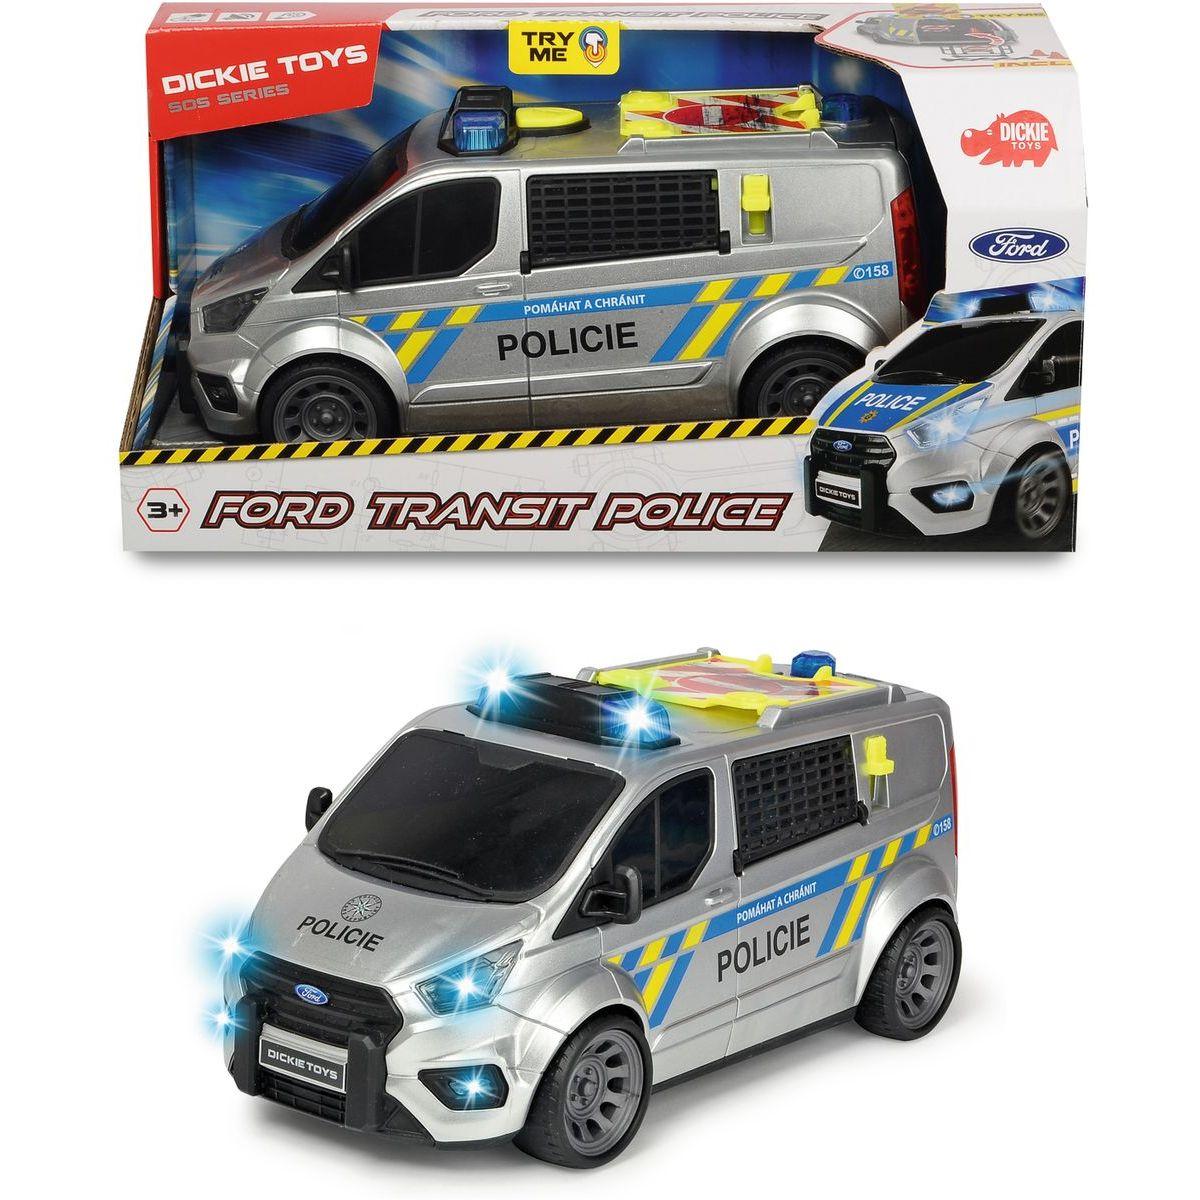 Dickie Policejní auto Ford Transit česká verze